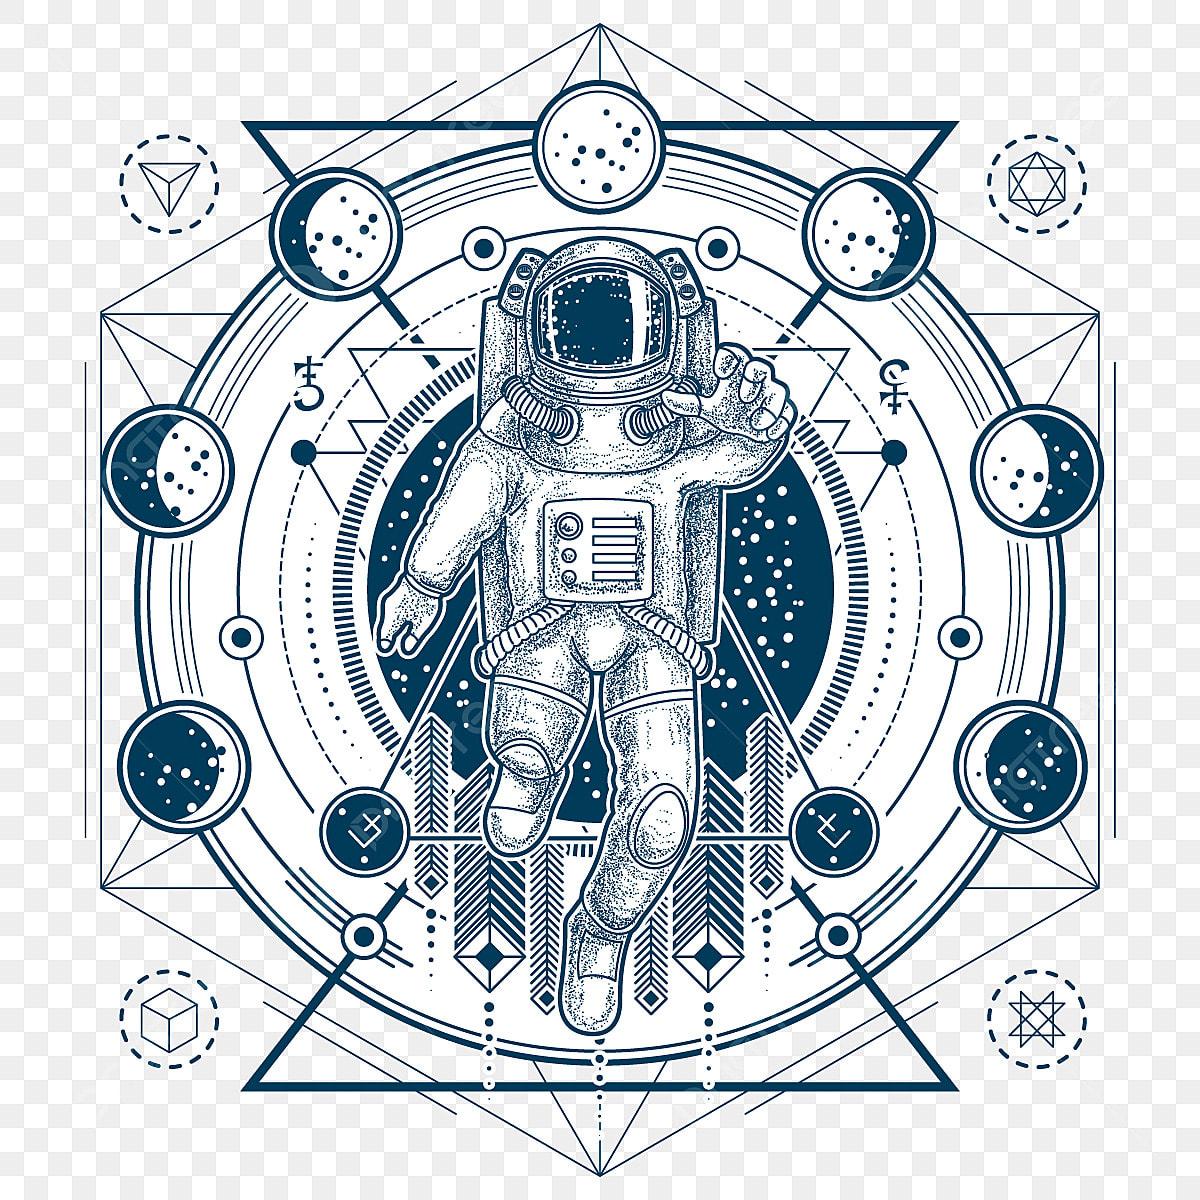 Vektorskizze Einer Tätowierung Mit Astronauten In Einem Raum